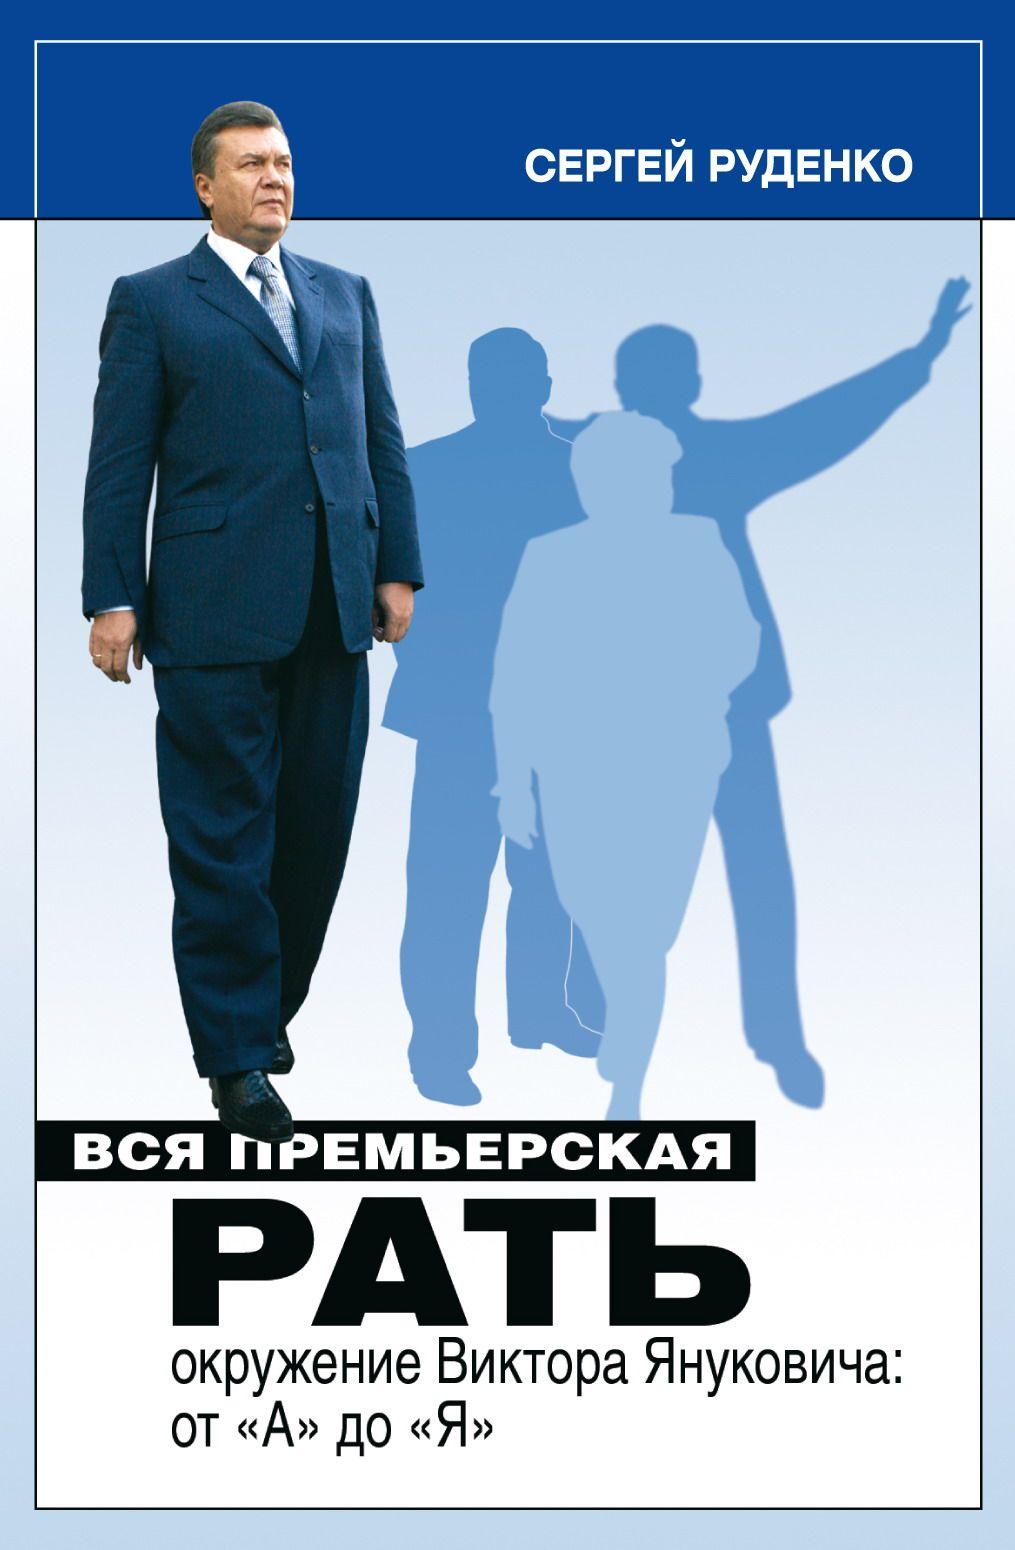 руденко сергей владимирович курган биография